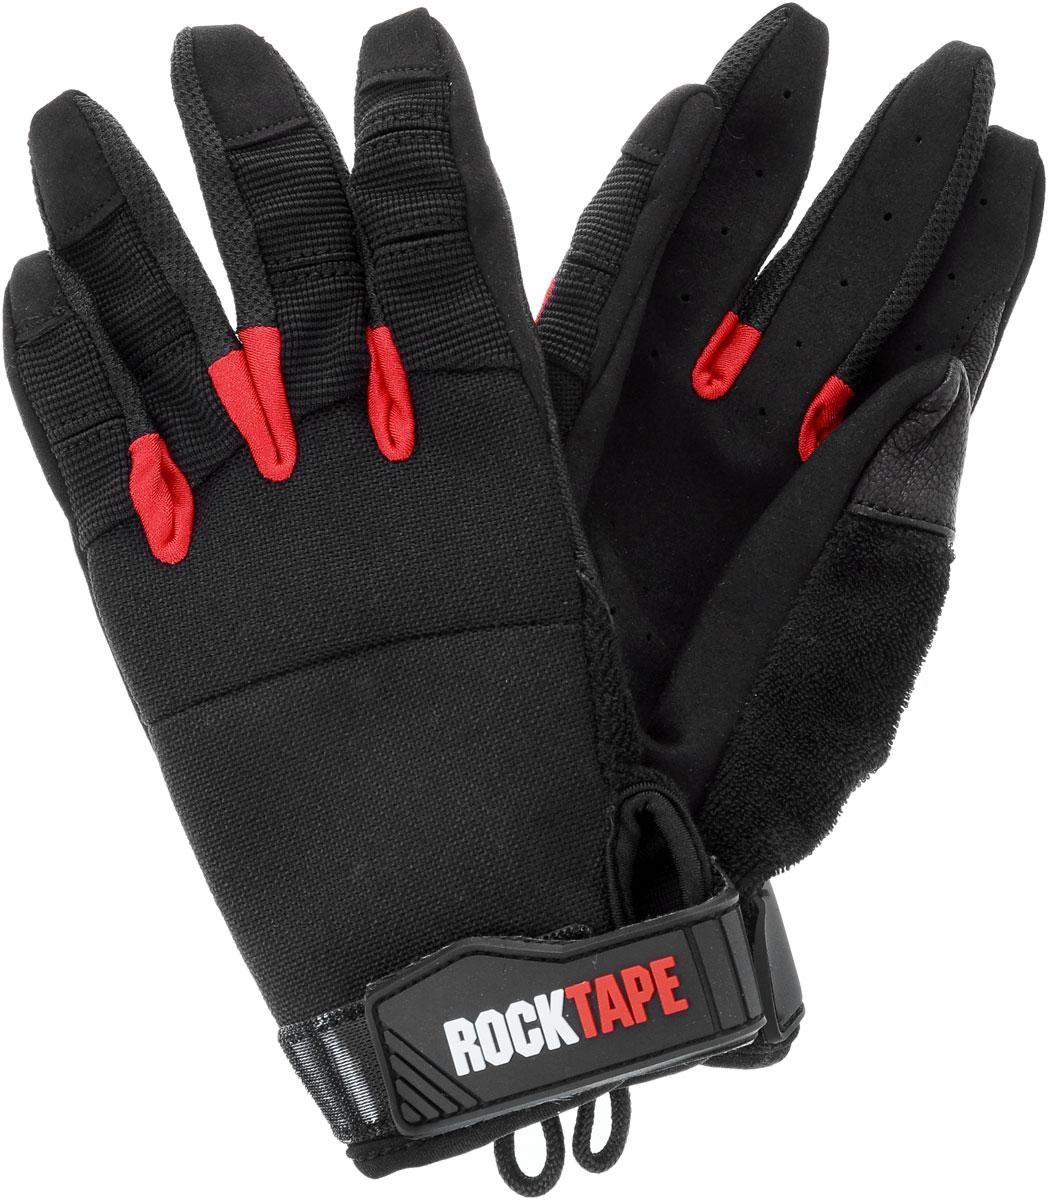 Перчатки Rocktape Talons, цвет: черный, красный. Размер SRTTls-SRocktape Talons - это функциональные перчатки для спорта. Руль велосипеда, турник, штанга - за что бы вы ни взялись, перчатки обеспечат максимальную защиту и поддержку! Уверенный хват и больше никаких стертых рук, волдырей и мозолей! Особенности перчаток: Дружелюбны к сенсорным экранам. Без швов на ладонях. Силиконовая накладка false-grip поможет в выходах силой. Защита большого пальца при захвате штанги. Впитывают пот. Дышащий материал по боковым поверхностям пальцев. Удобные петли. Рассчитаны на работу с мелом. Обхват ладони ниже костяшки: 18 см.